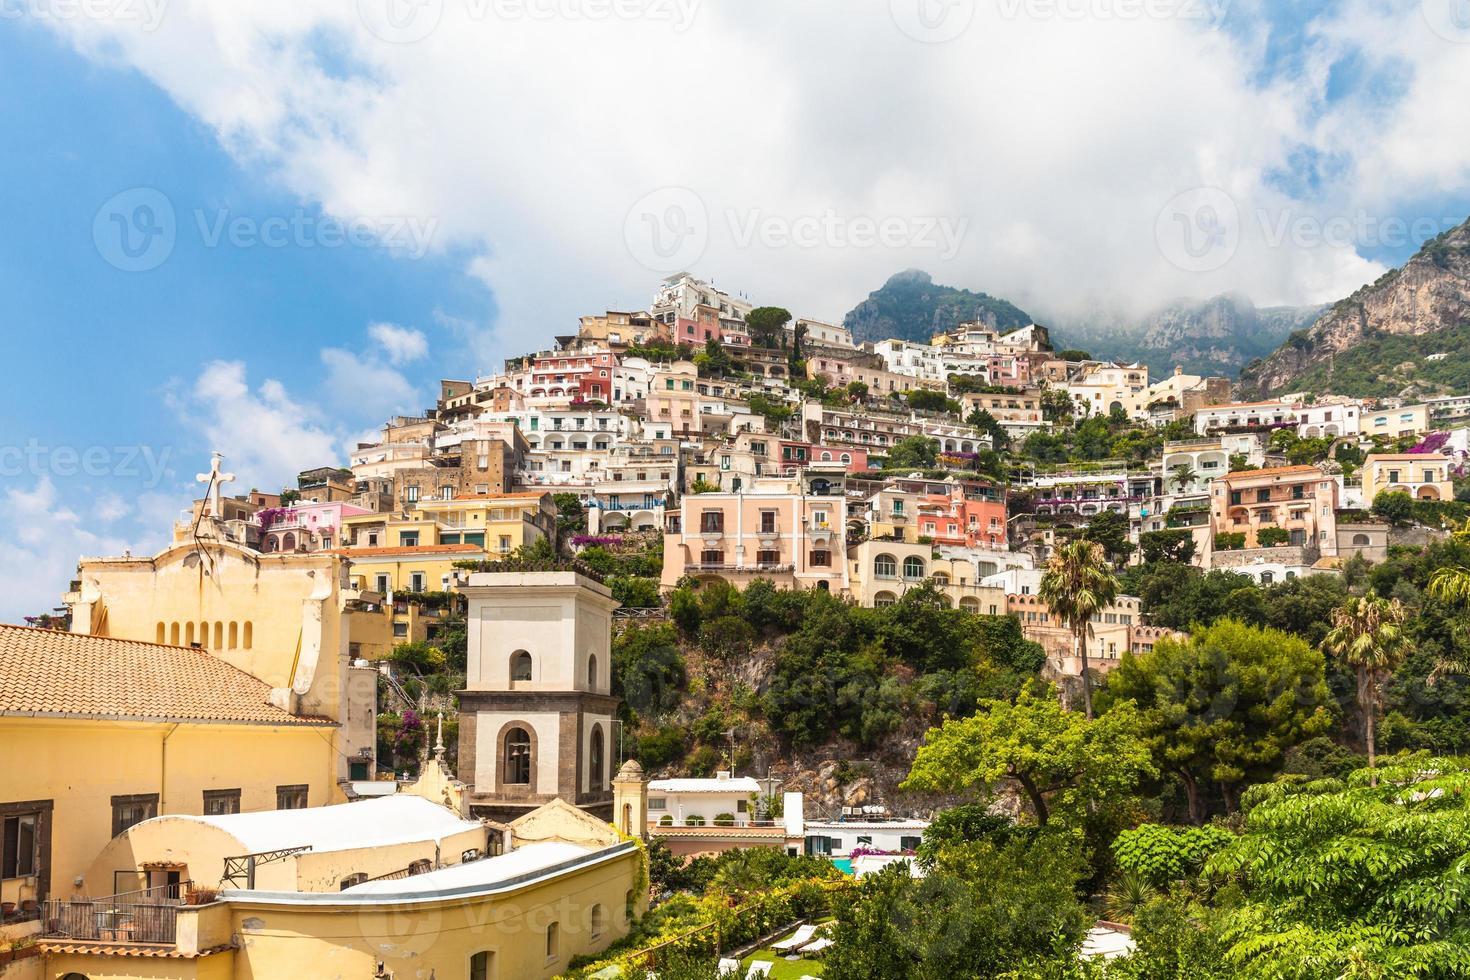 maisons colorées sur la montagne photo